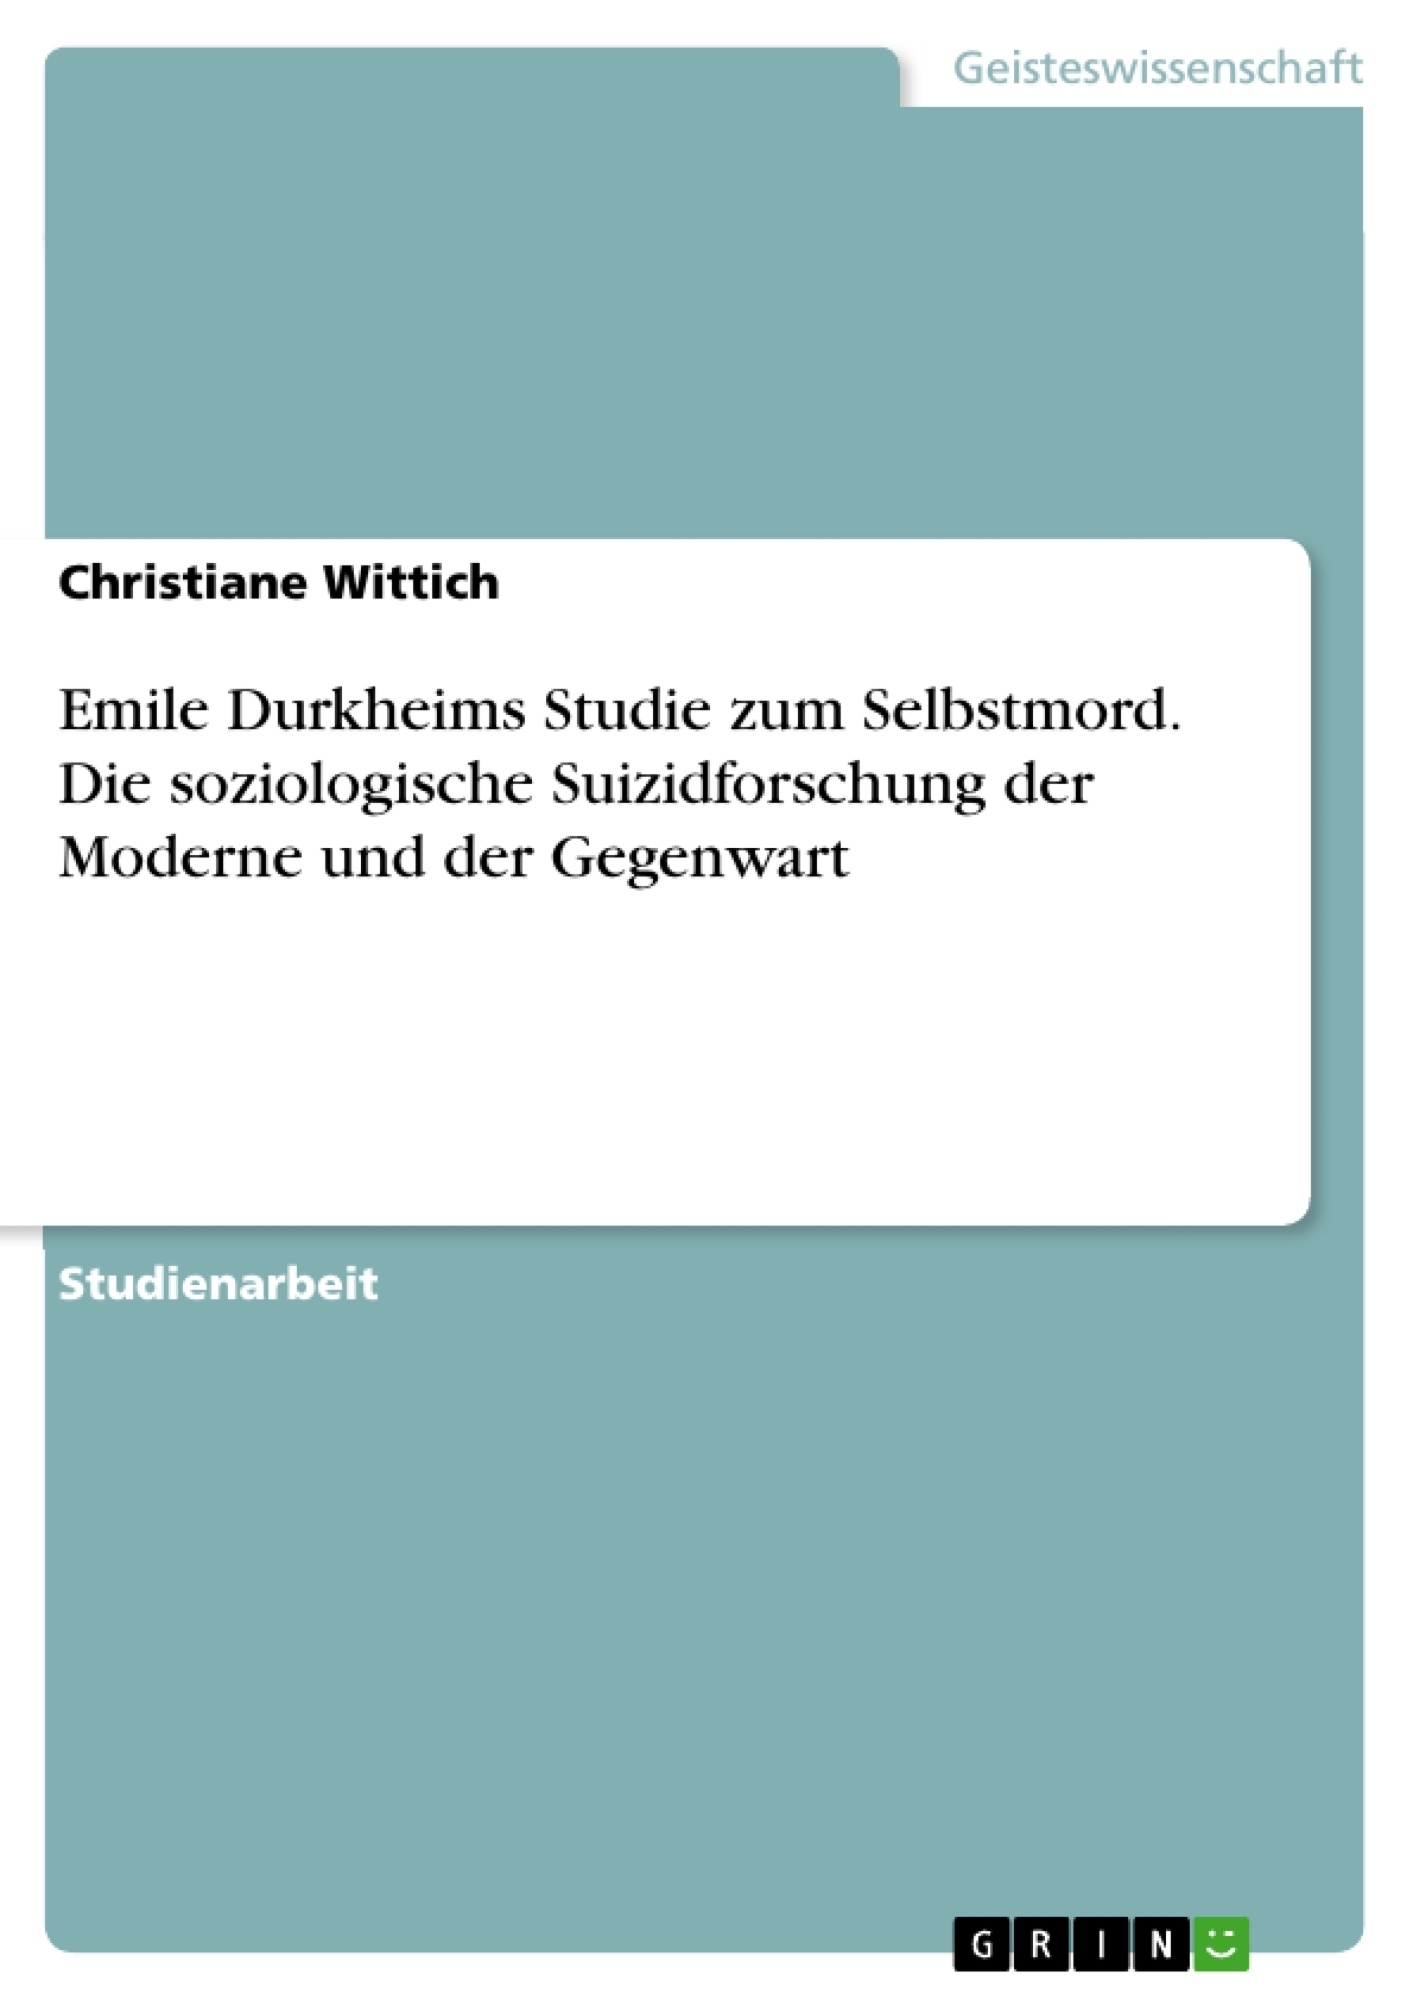 Titel: Emile Durkheims Studie zum Selbstmord. Die soziologische Suizidforschung der Moderne und der Gegenwart